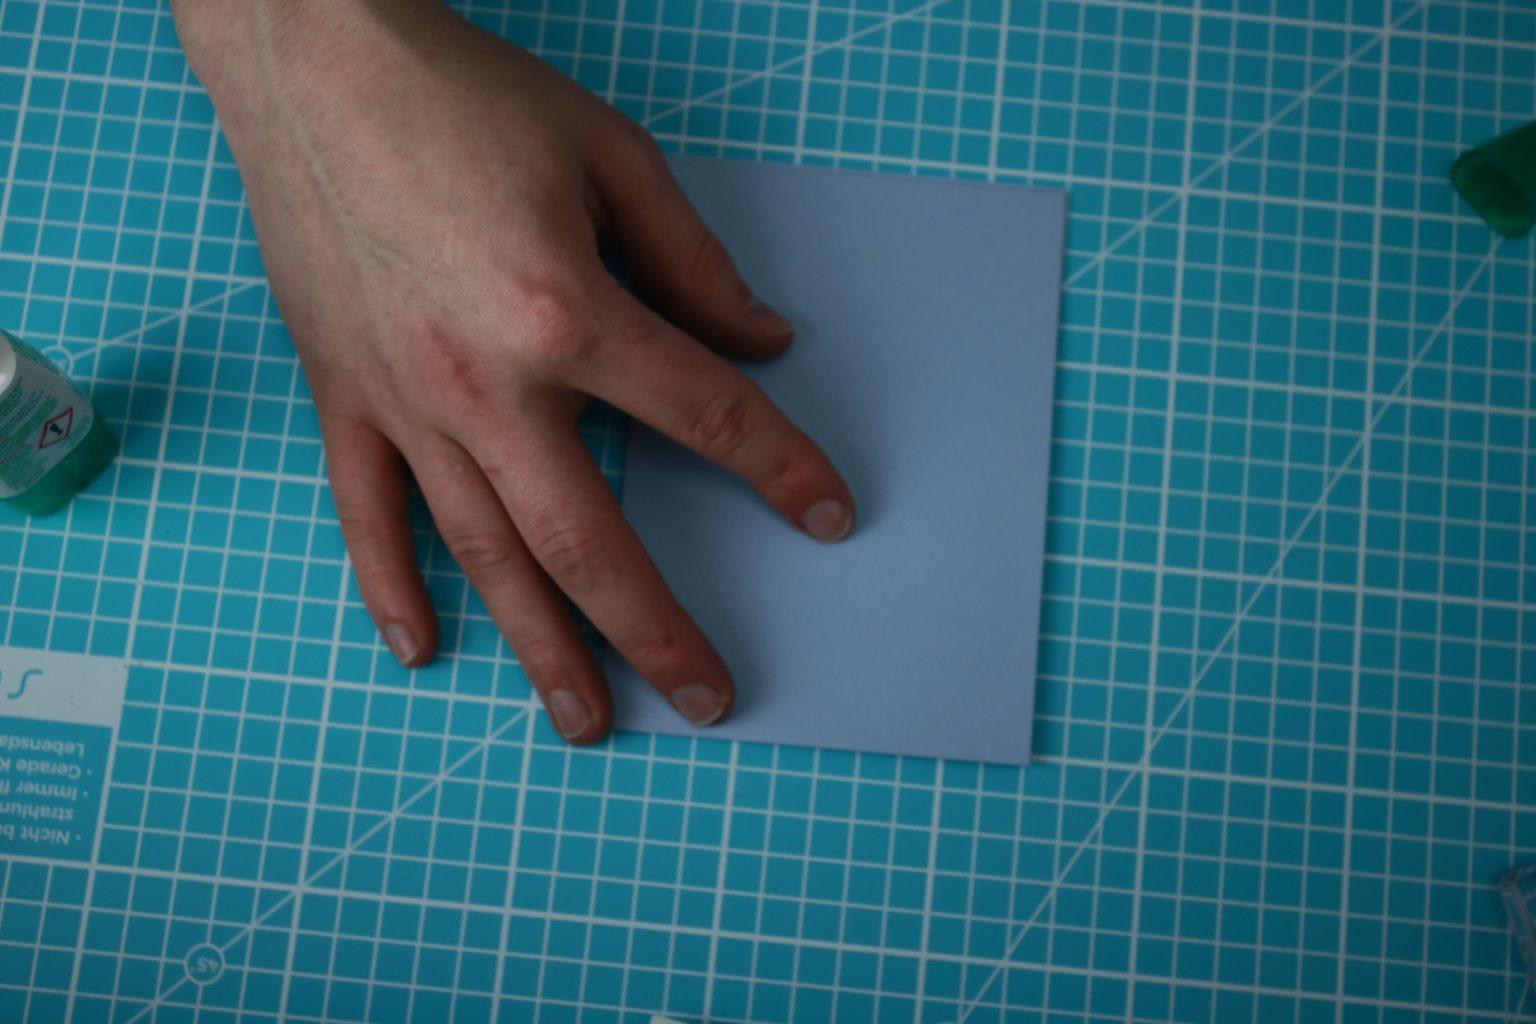 Dann habe ich einen weiteren Farbkarton auf 10,5 cm x 14,9 cm zugeschnitten.